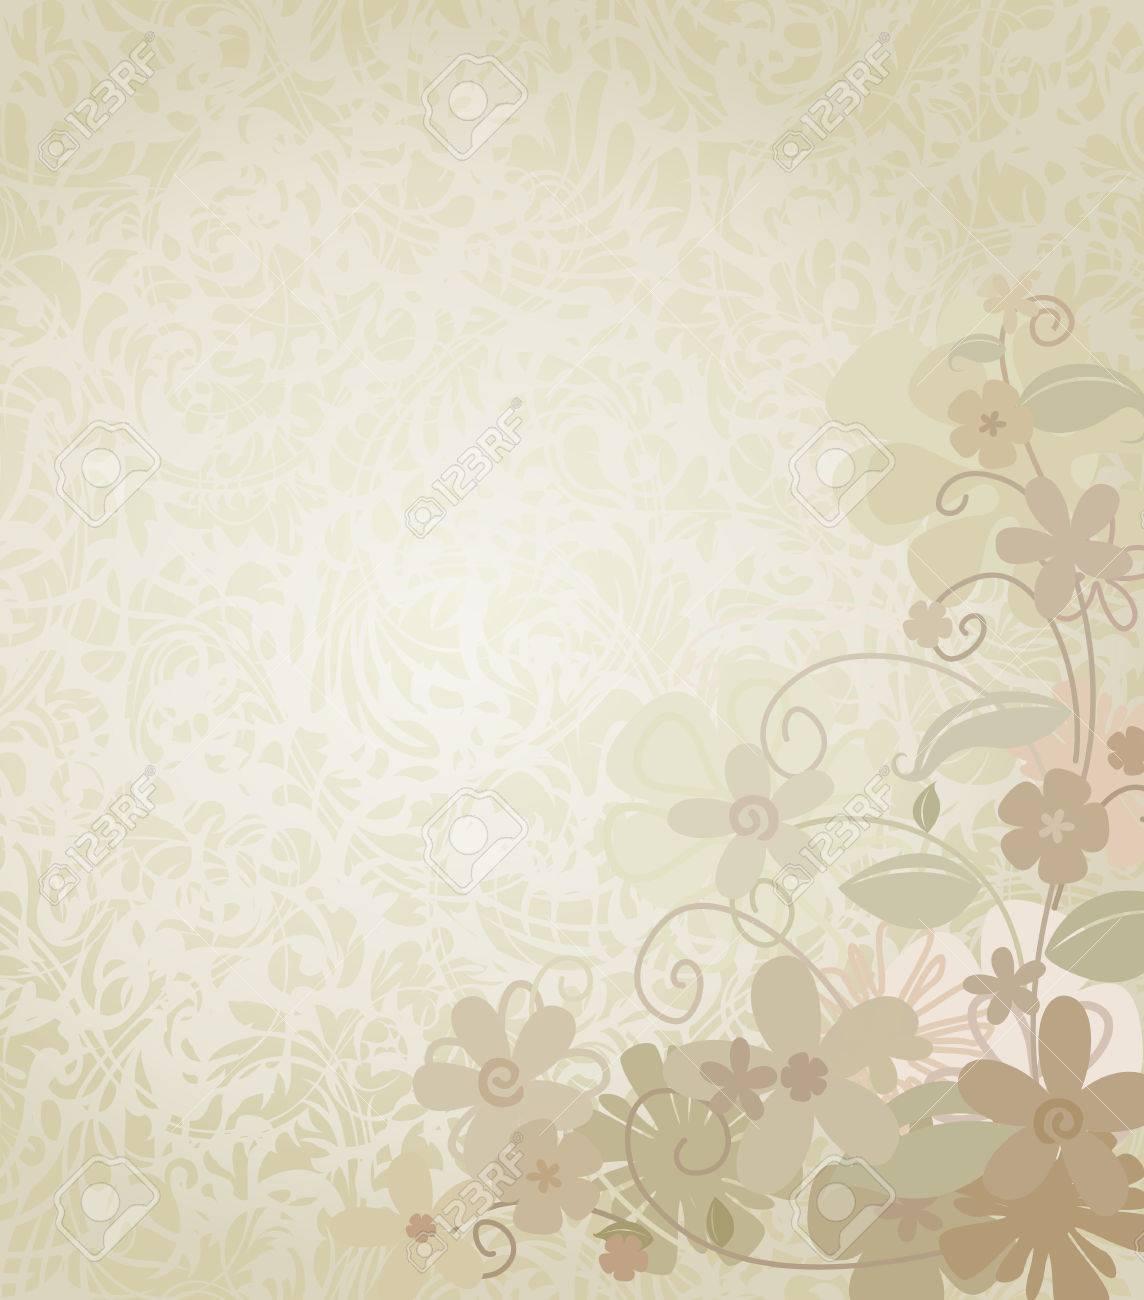 Standard Bild   Vintage Hintergrund Rahmen Mit Corner Border Blumen. Floral  Grenze Und Hintergrund. Die Blüten Verblassen Schön In Den Hintergrund.